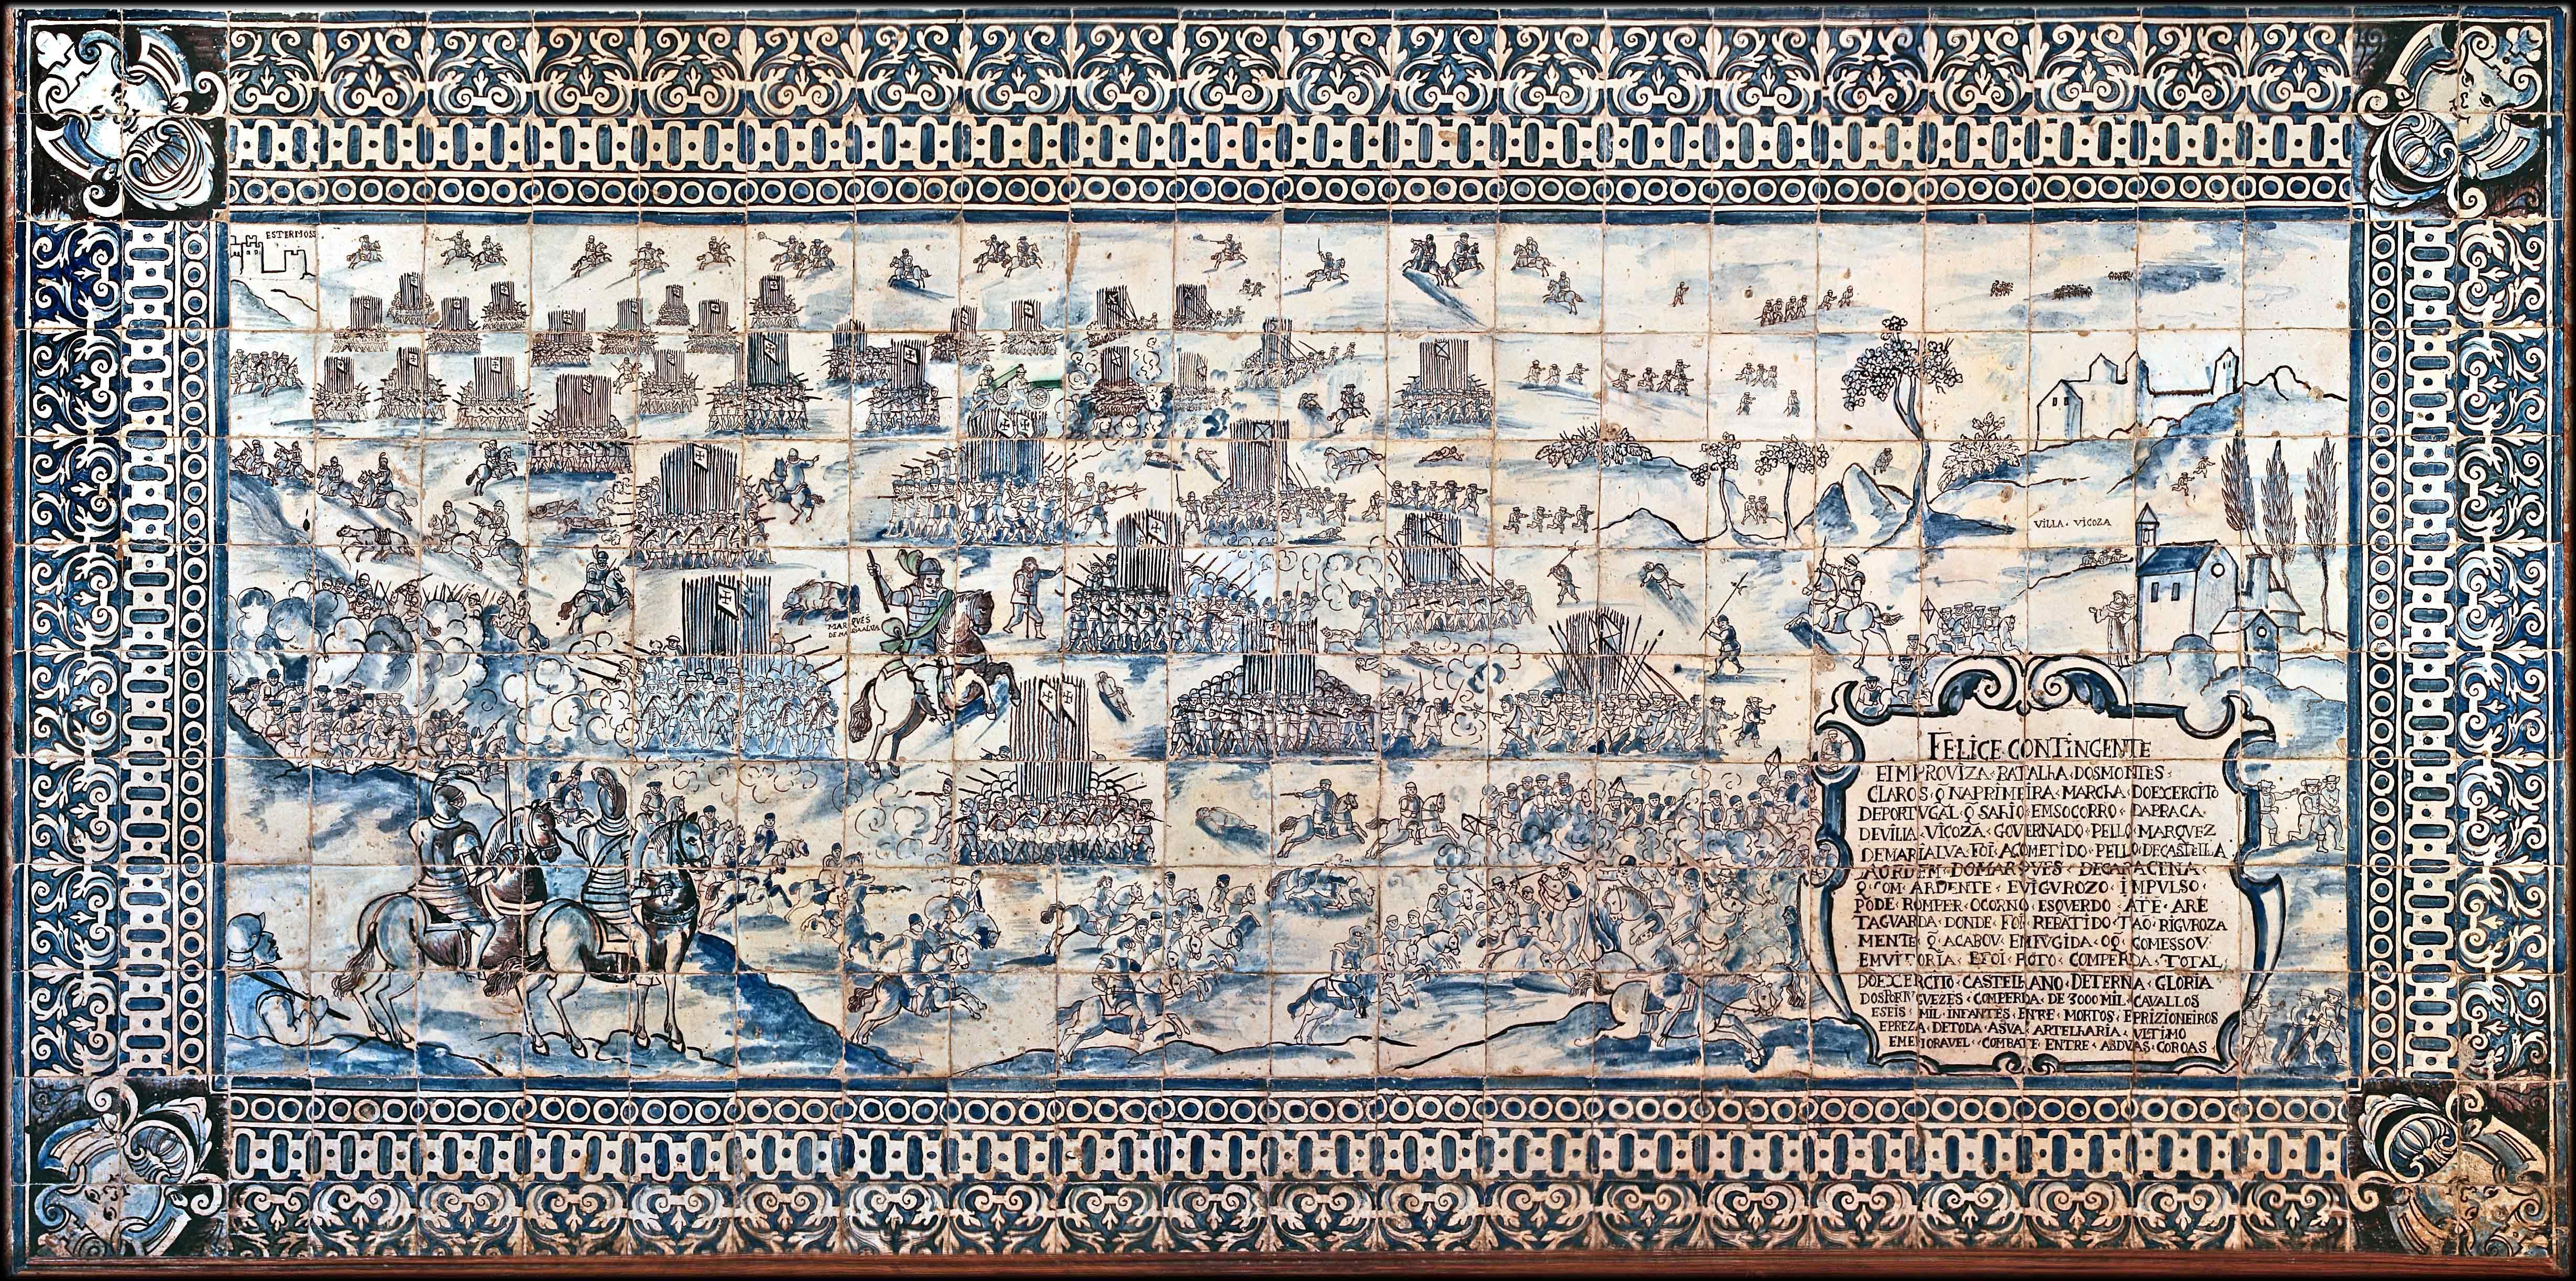 La conception de l'animal au Portugal au 17ème siècle